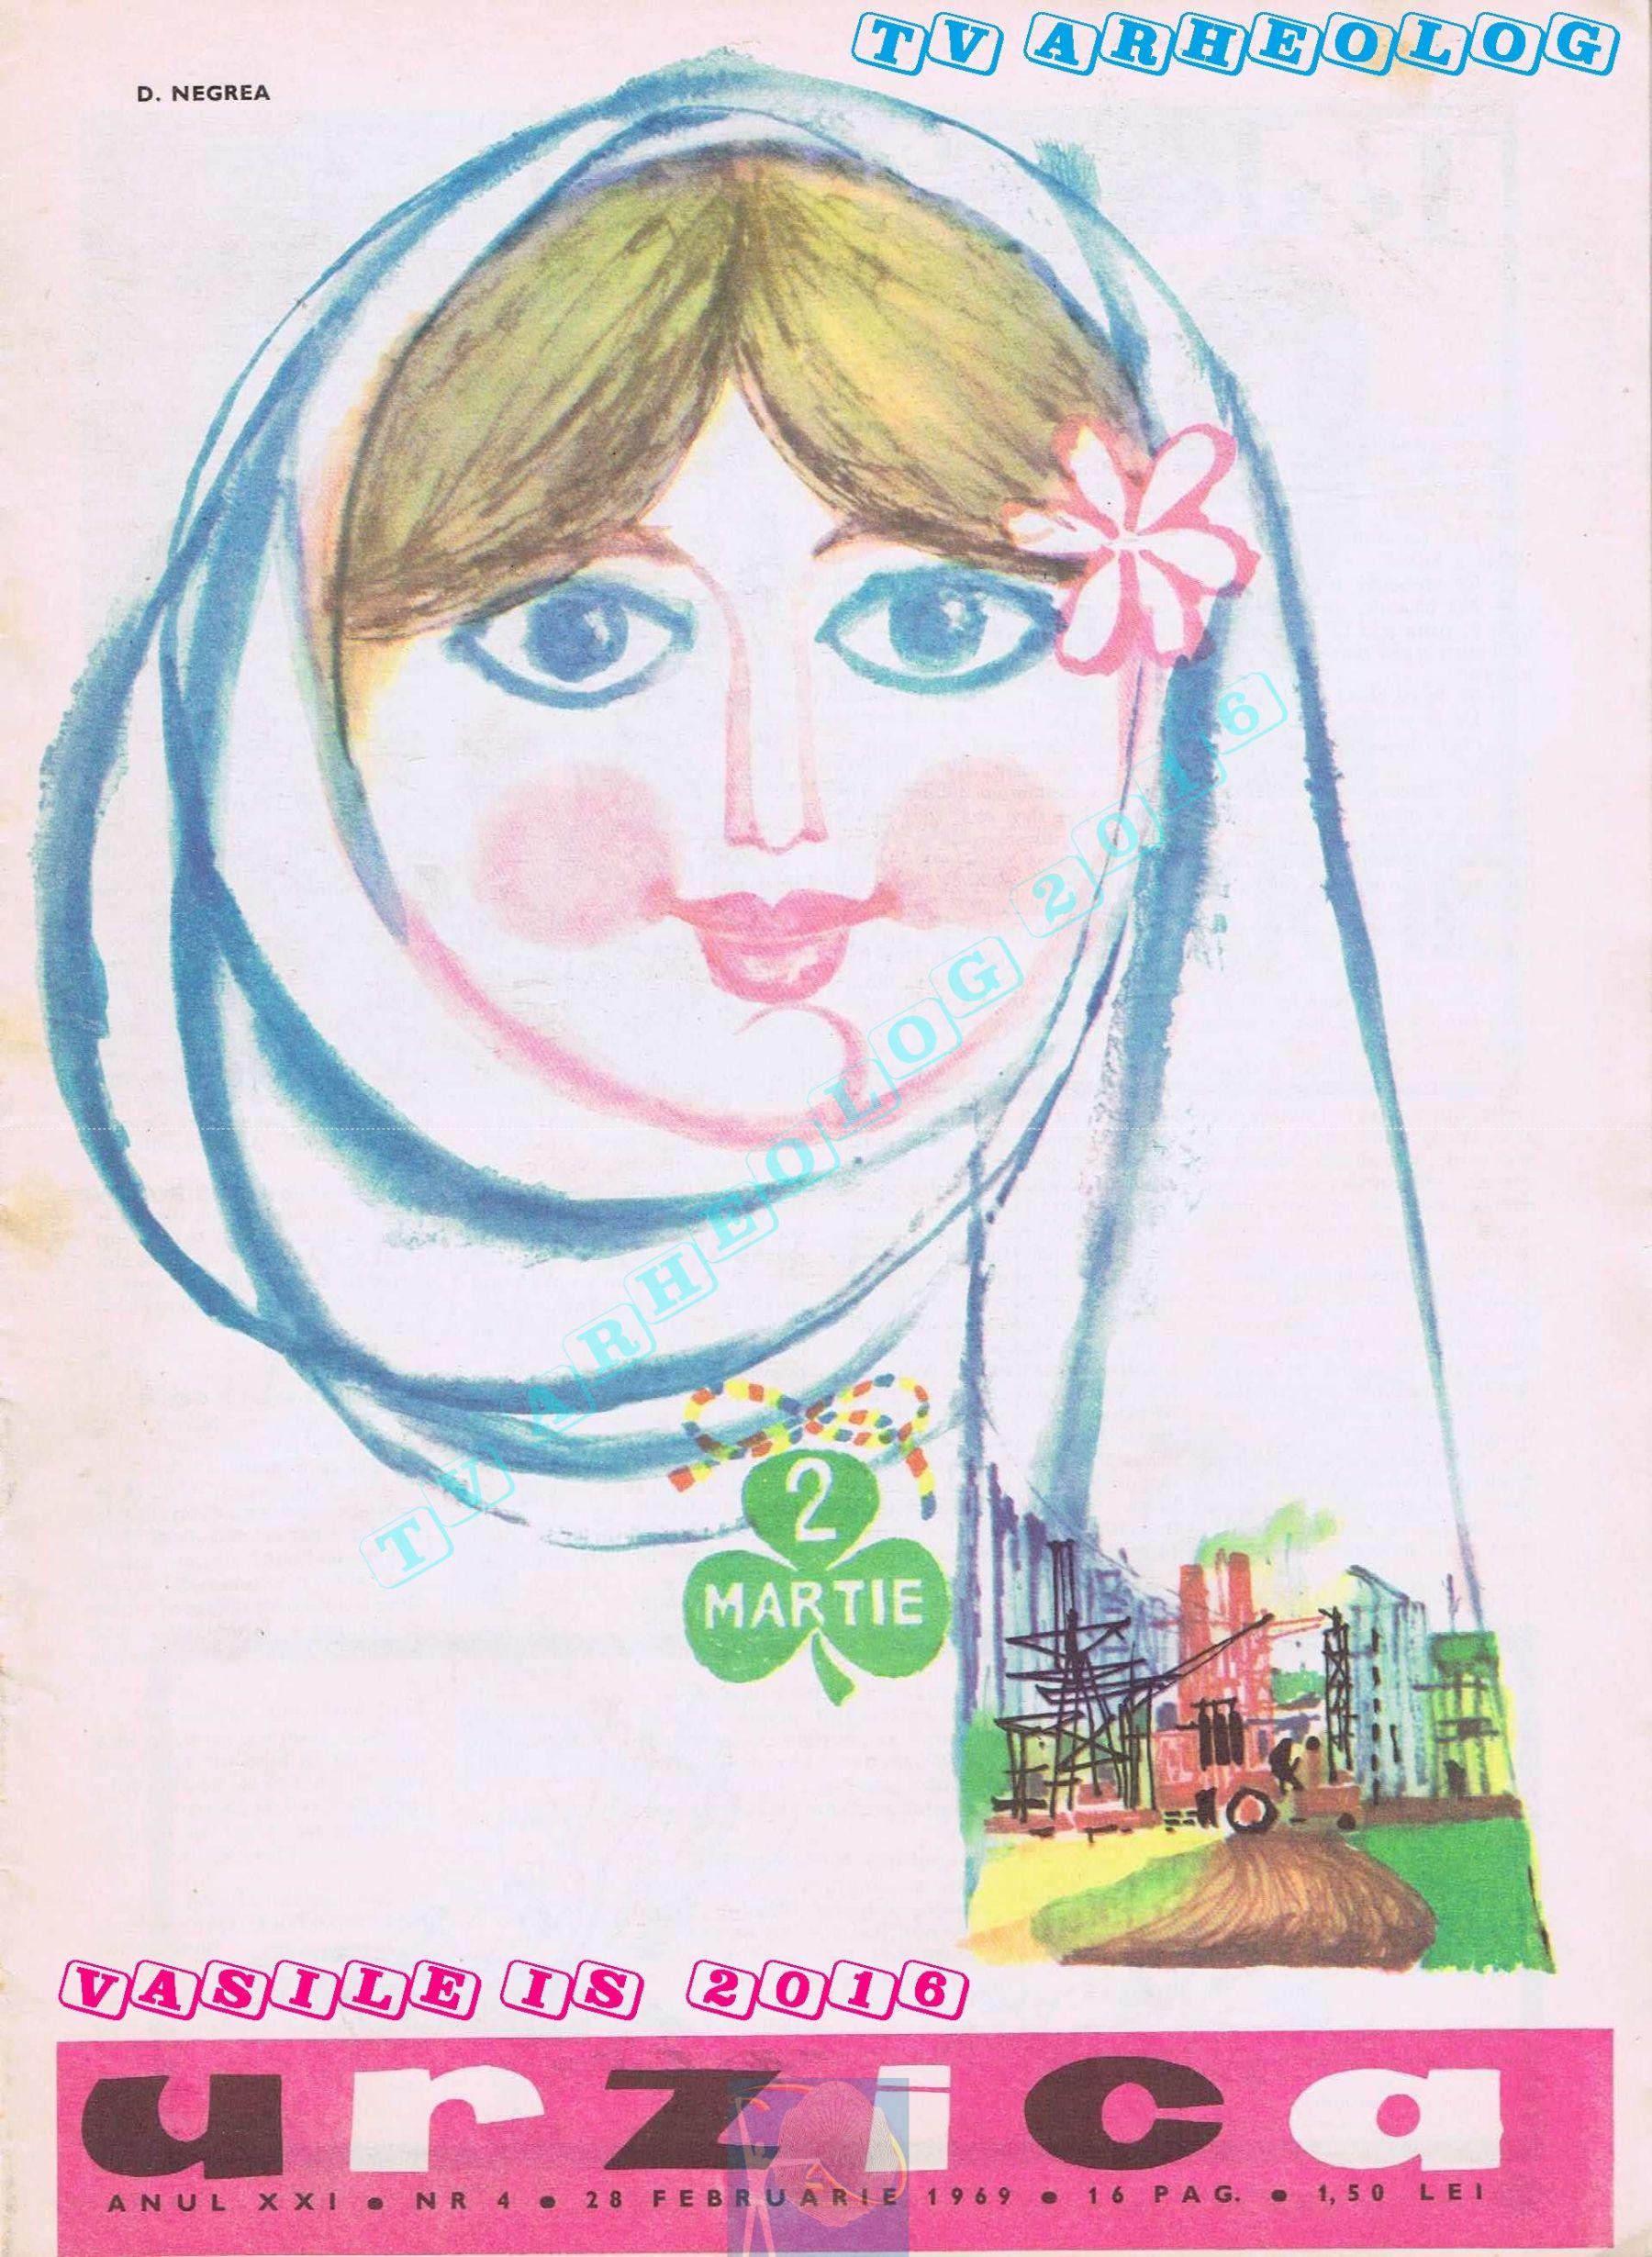 urzica-1969-04-01